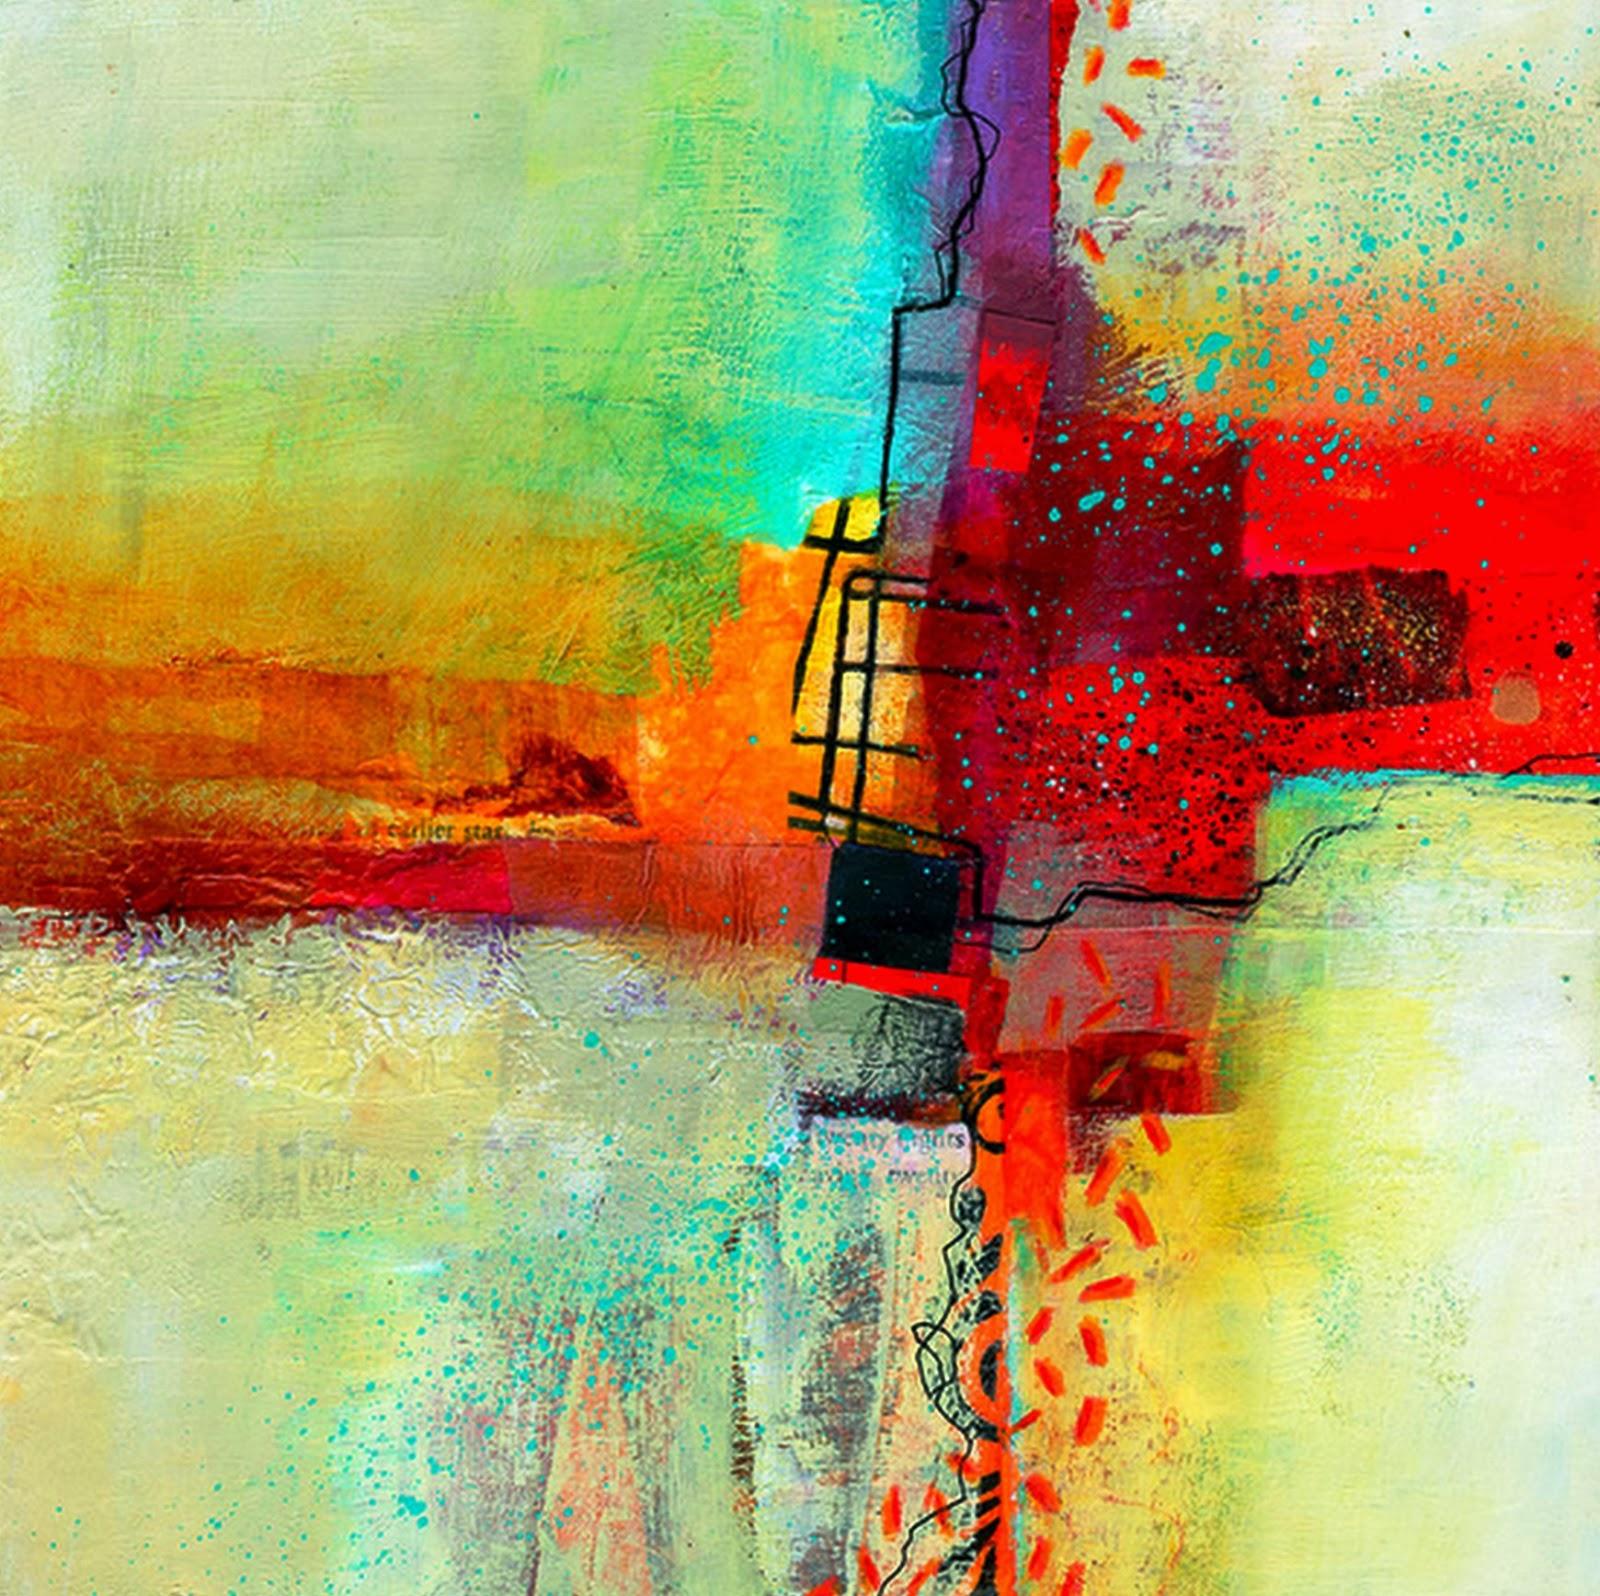 Cuadros modernos pinturas y dibujos 12 19 13 for Imagenes de cuadros abstractos faciles de hacer